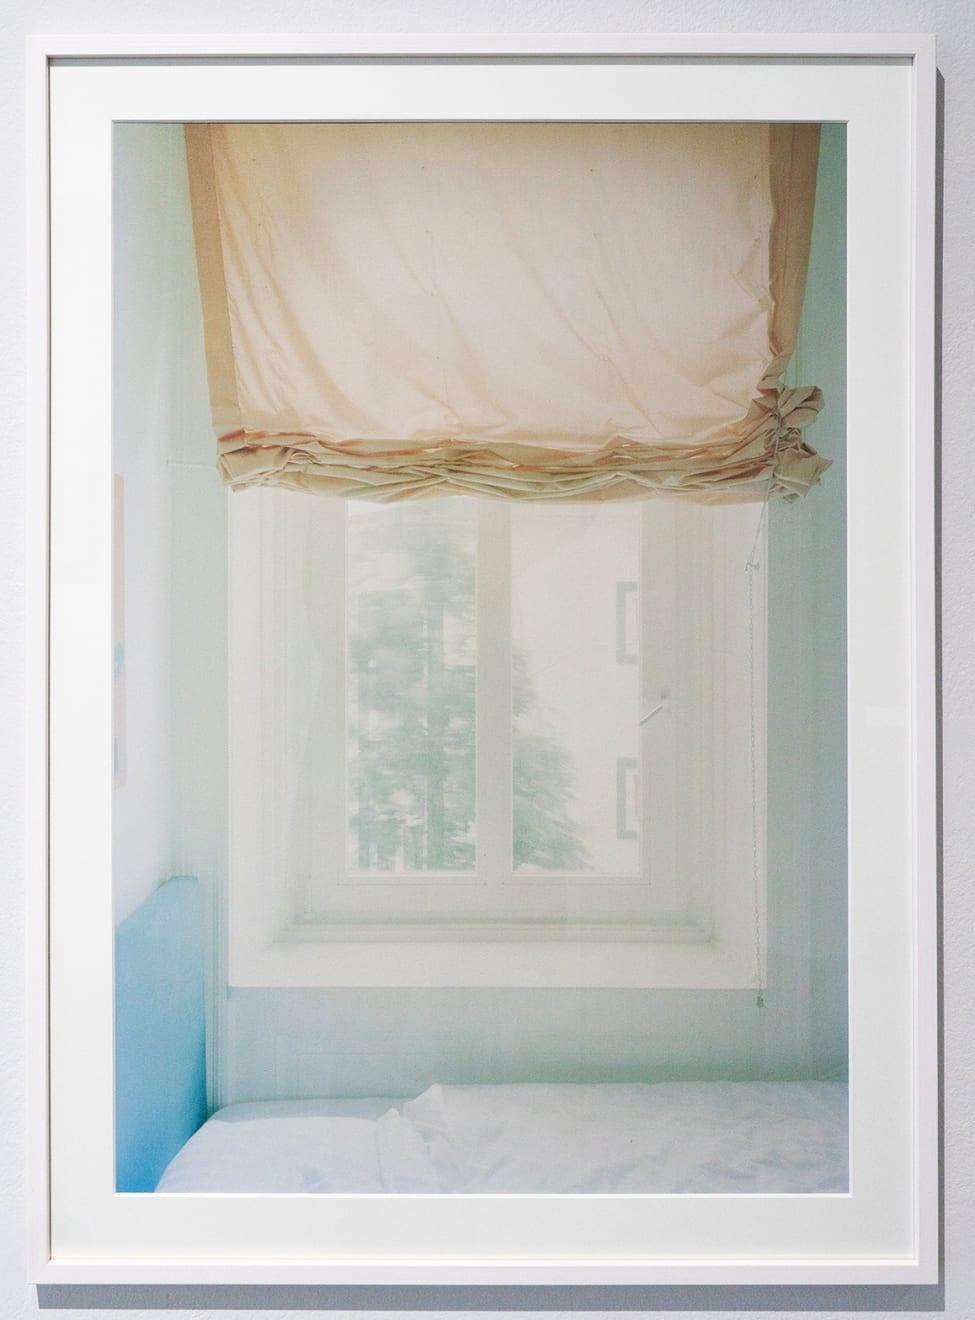 Shu Yi, A Lingering #6, 2012